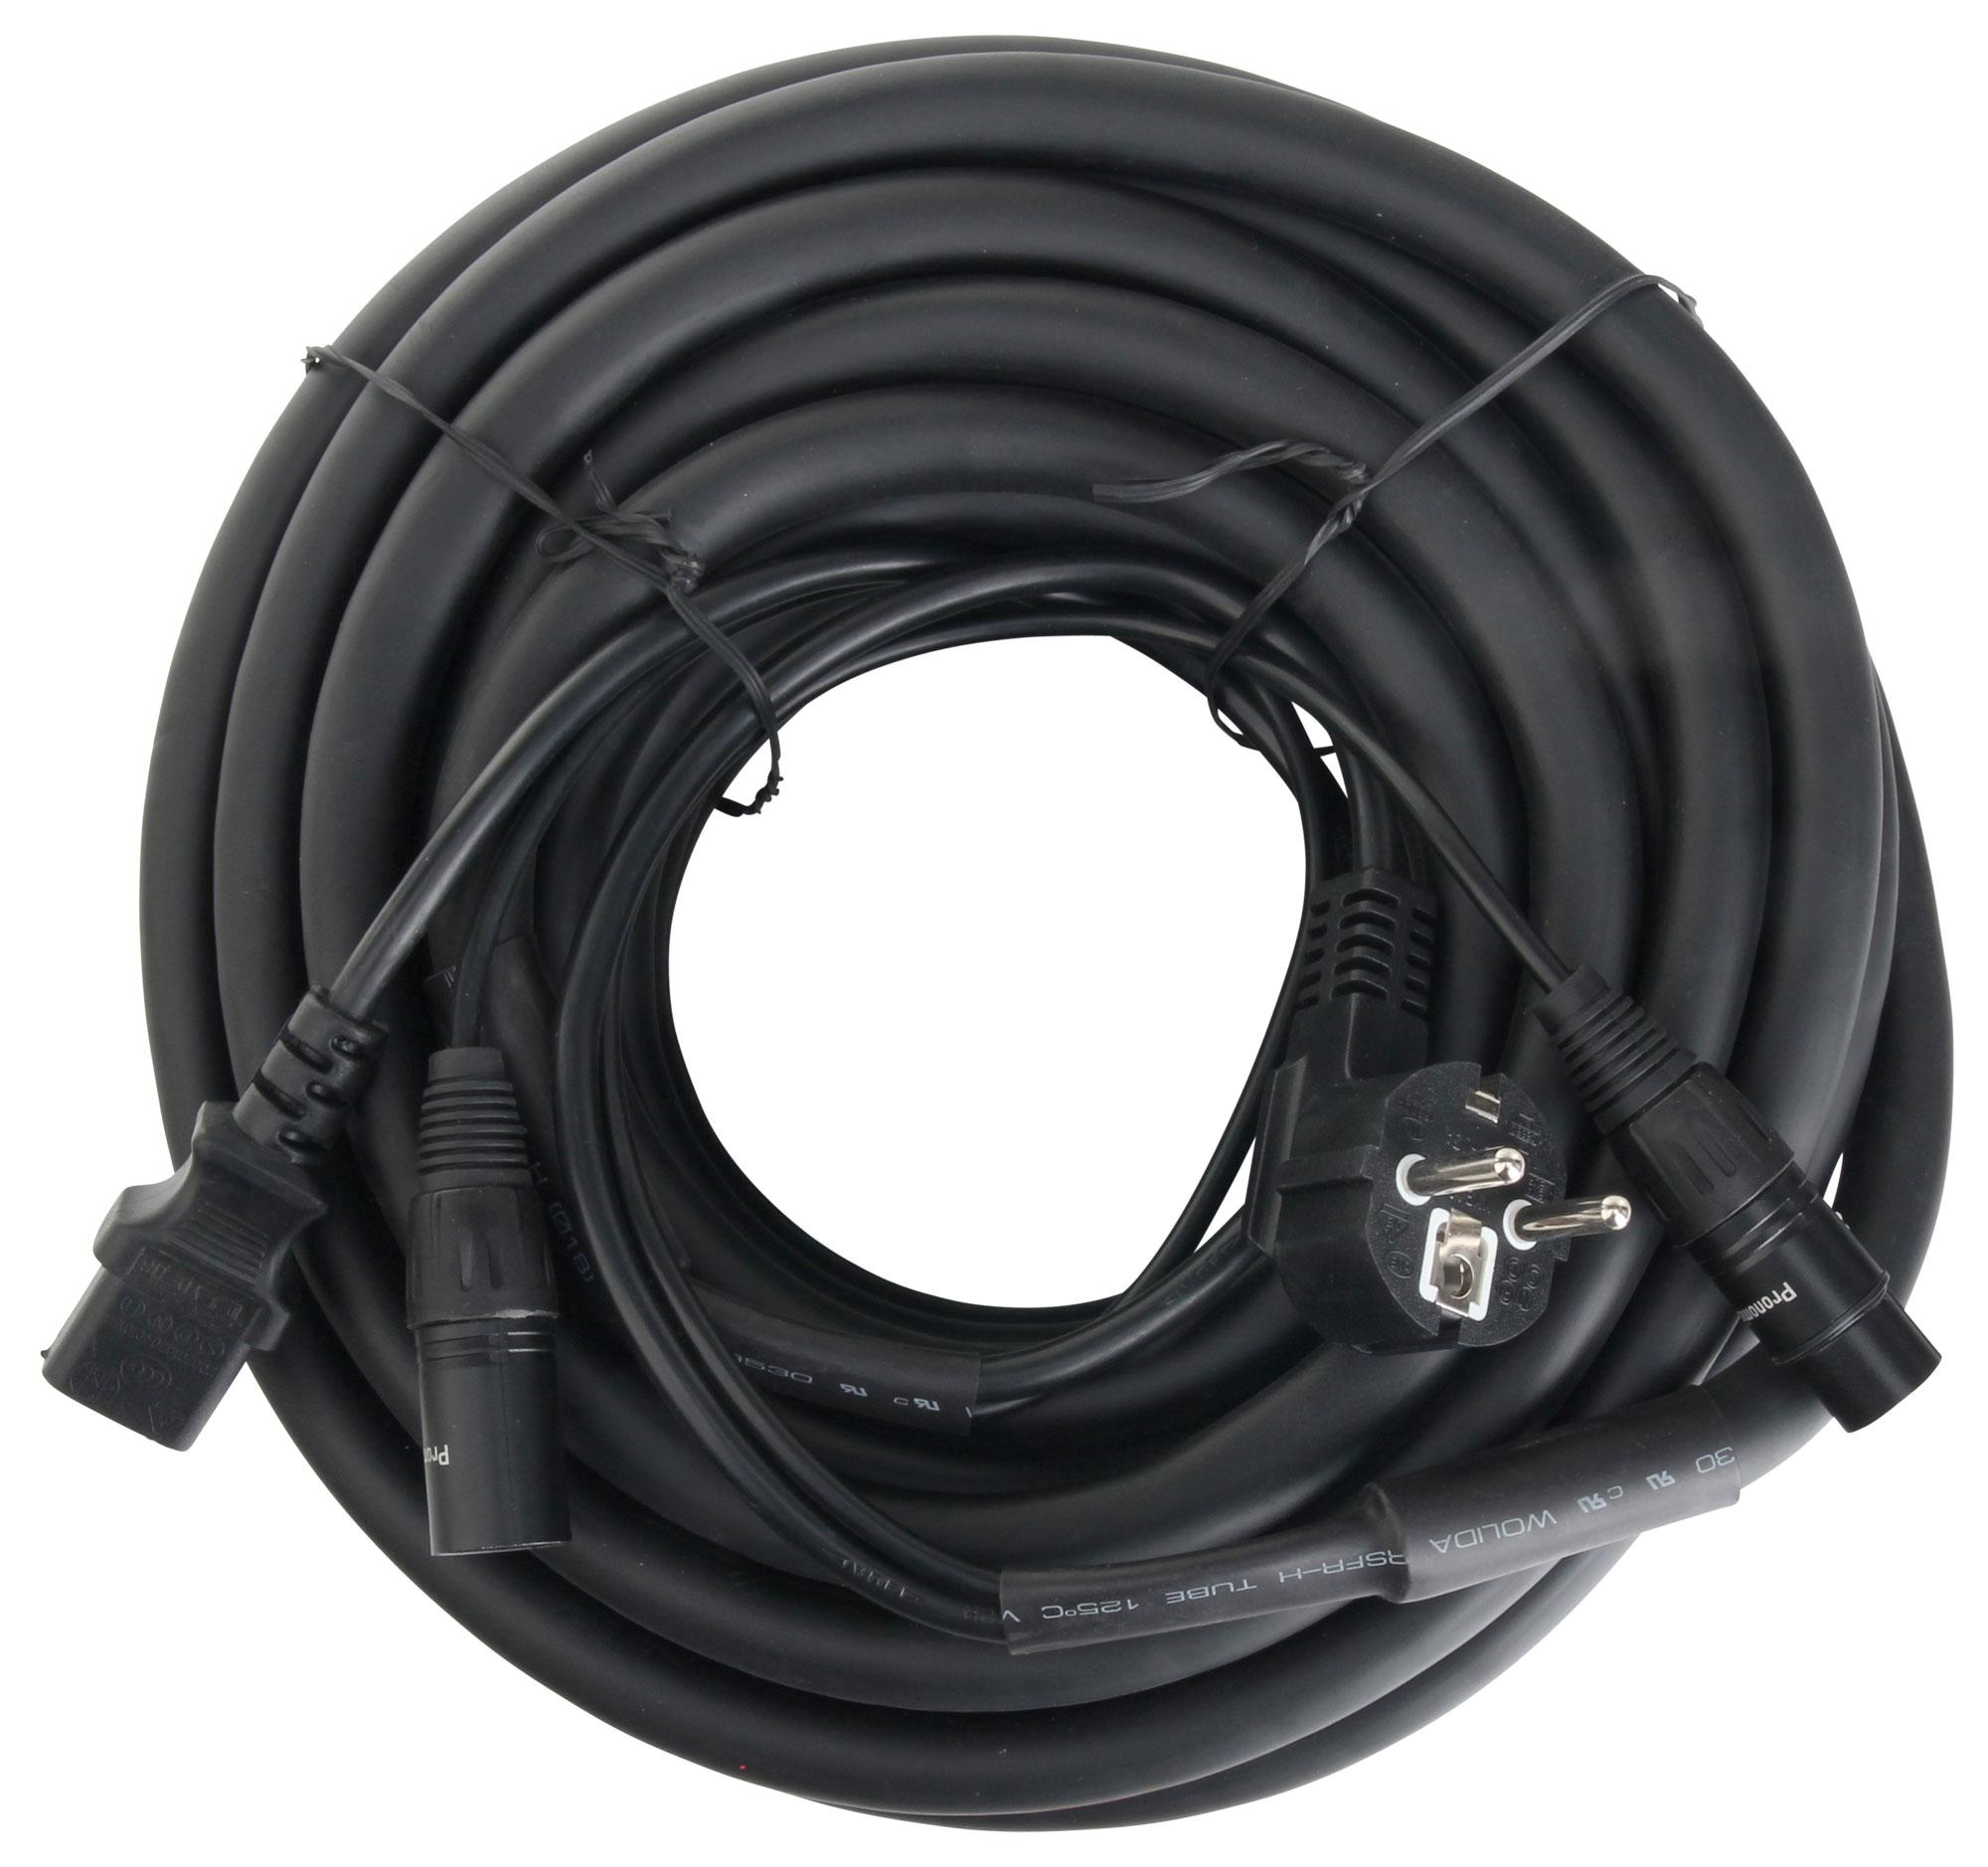 Kabelmulticores - Pronomic Stage EUIECX 15 Hybridkabel Schukostecker auf Kaltgerätebuchse, XLR|XLR 15m - Onlineshop Musikhaus Kirstein